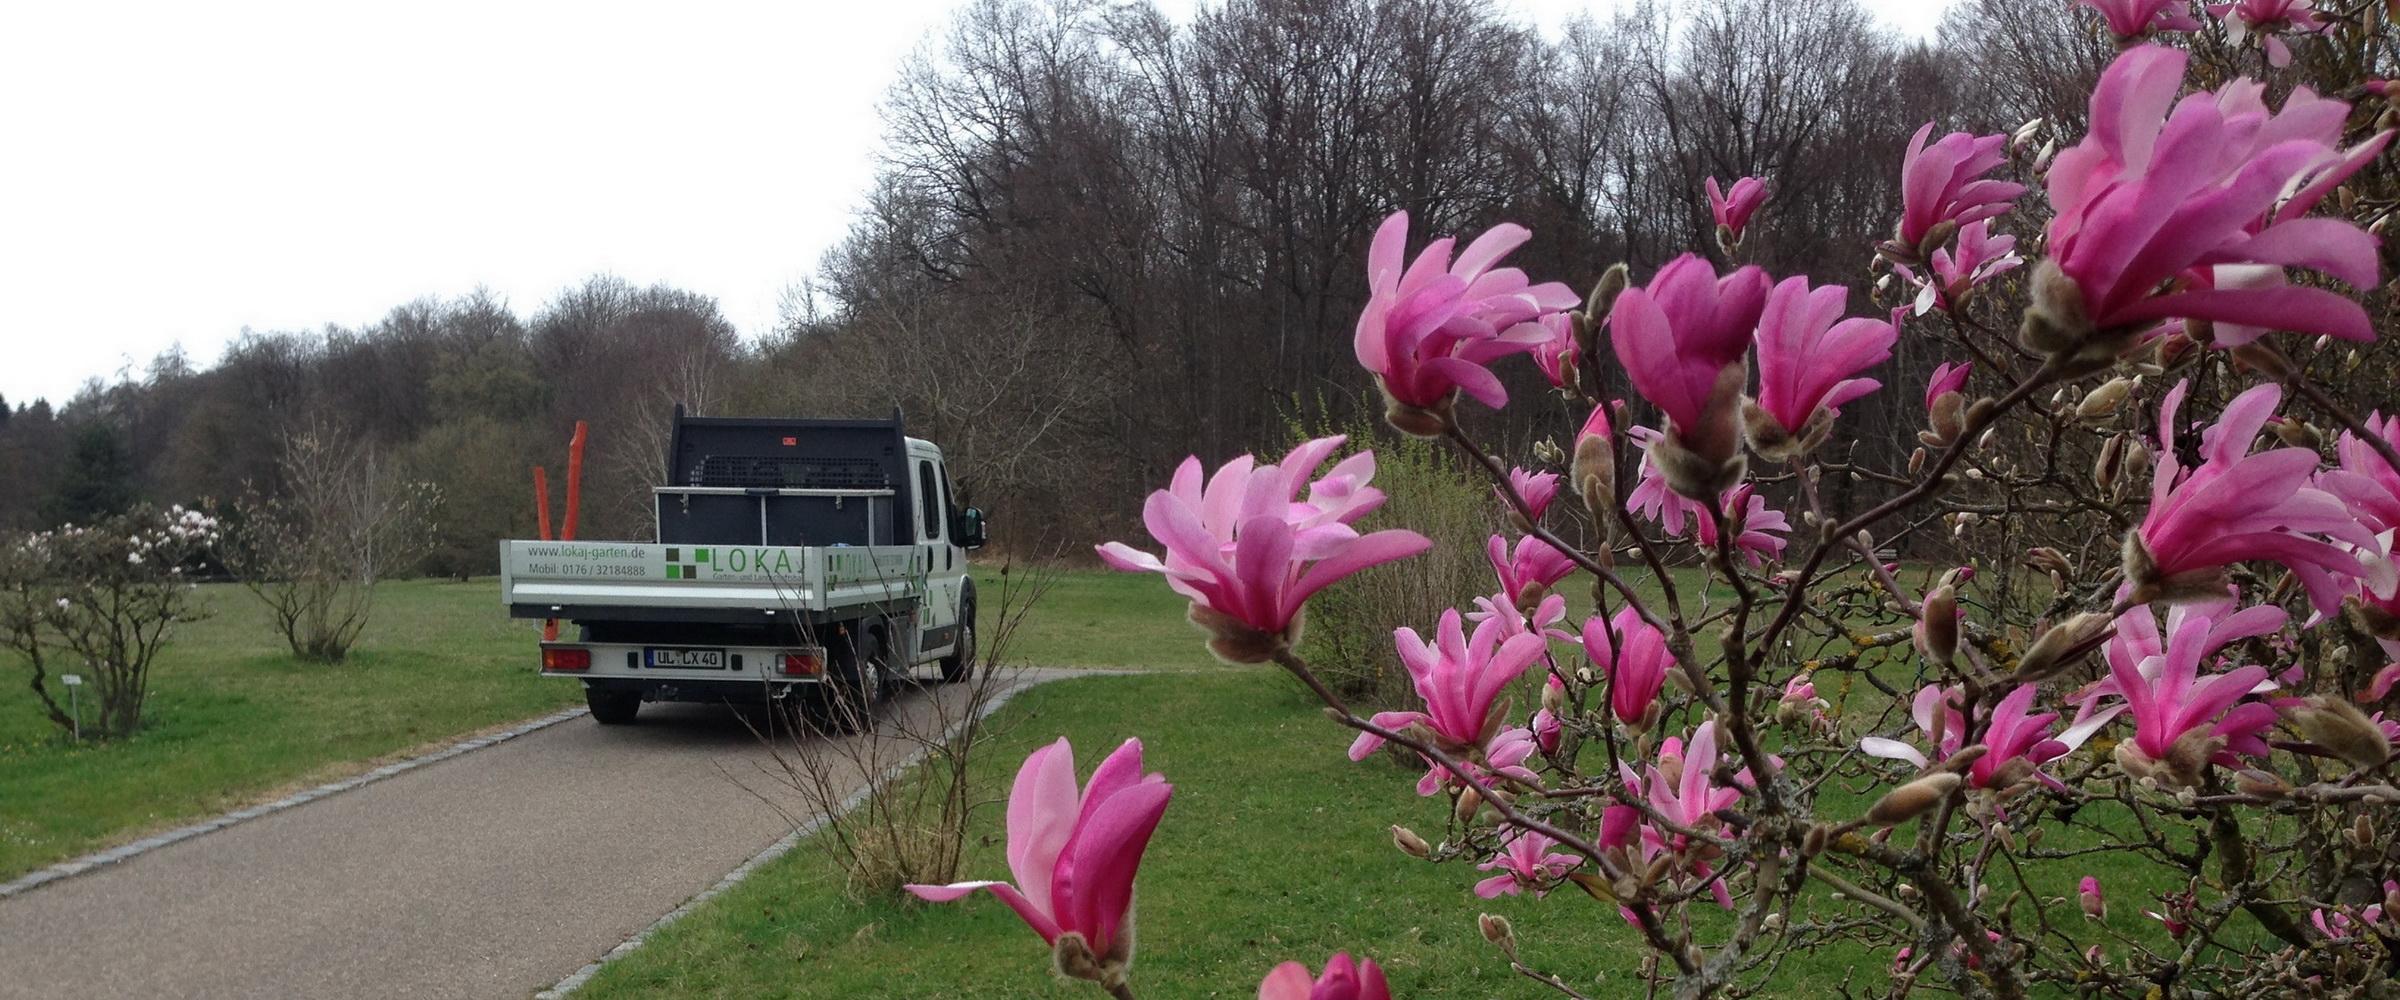 LOKAJ Garten- und Landschaftsbau – Ihr Partner in Ulm und Umgebung